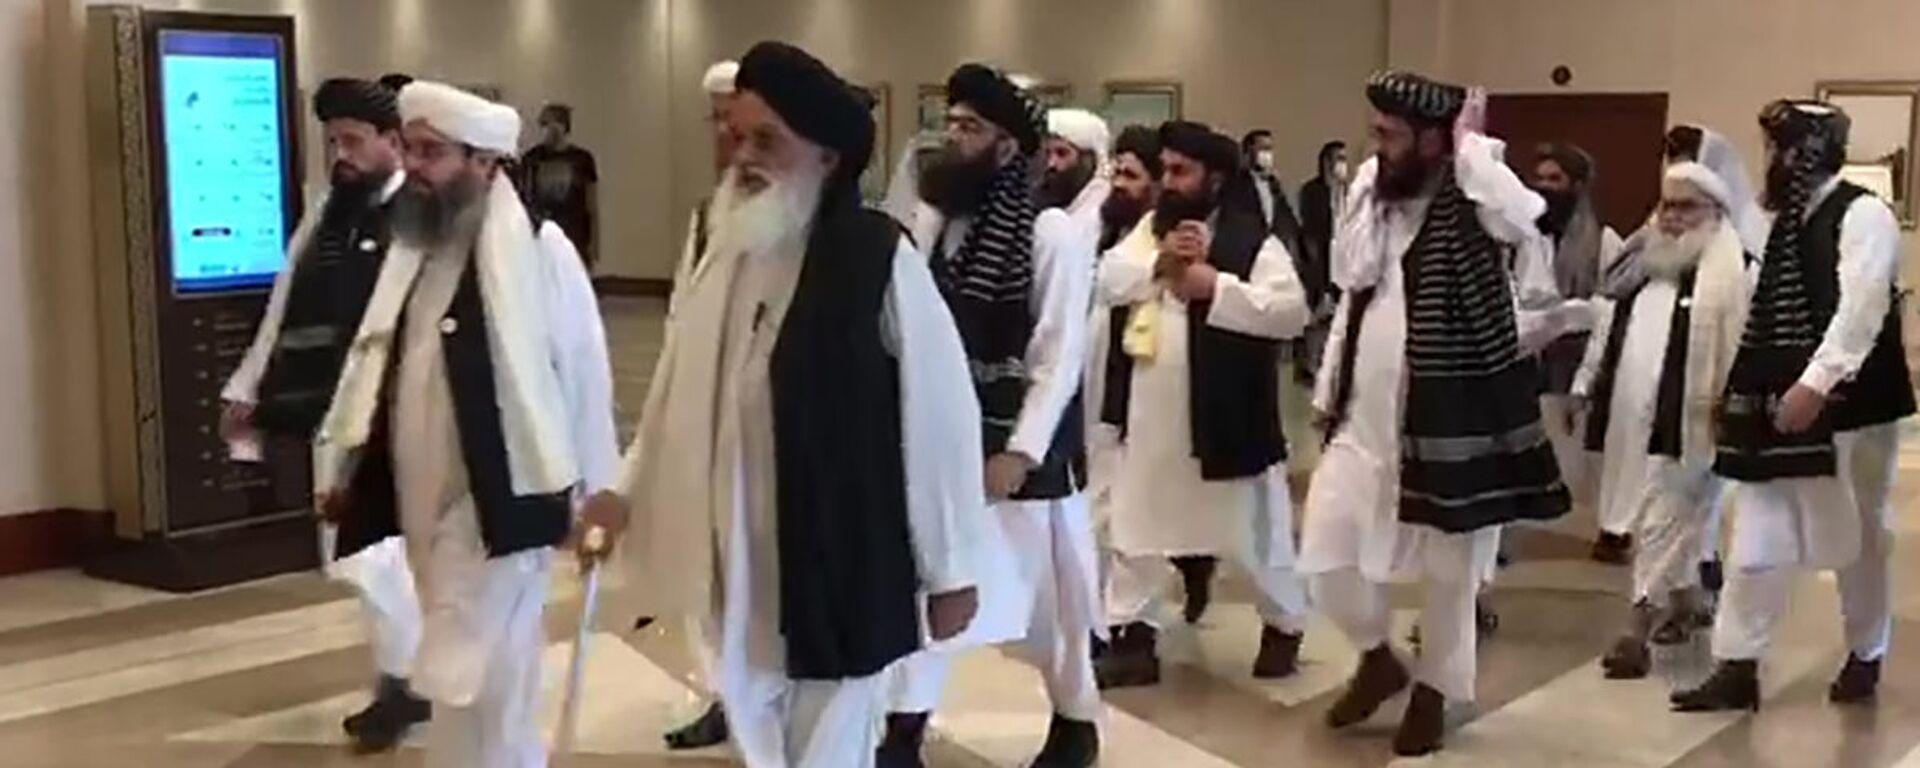 Делегация движения Талибан (запрещено в РФ), прибывшая в Катар на переговоры с правительством Афганистана - Sputnik Таджикистан, 1920, 08.07.2021